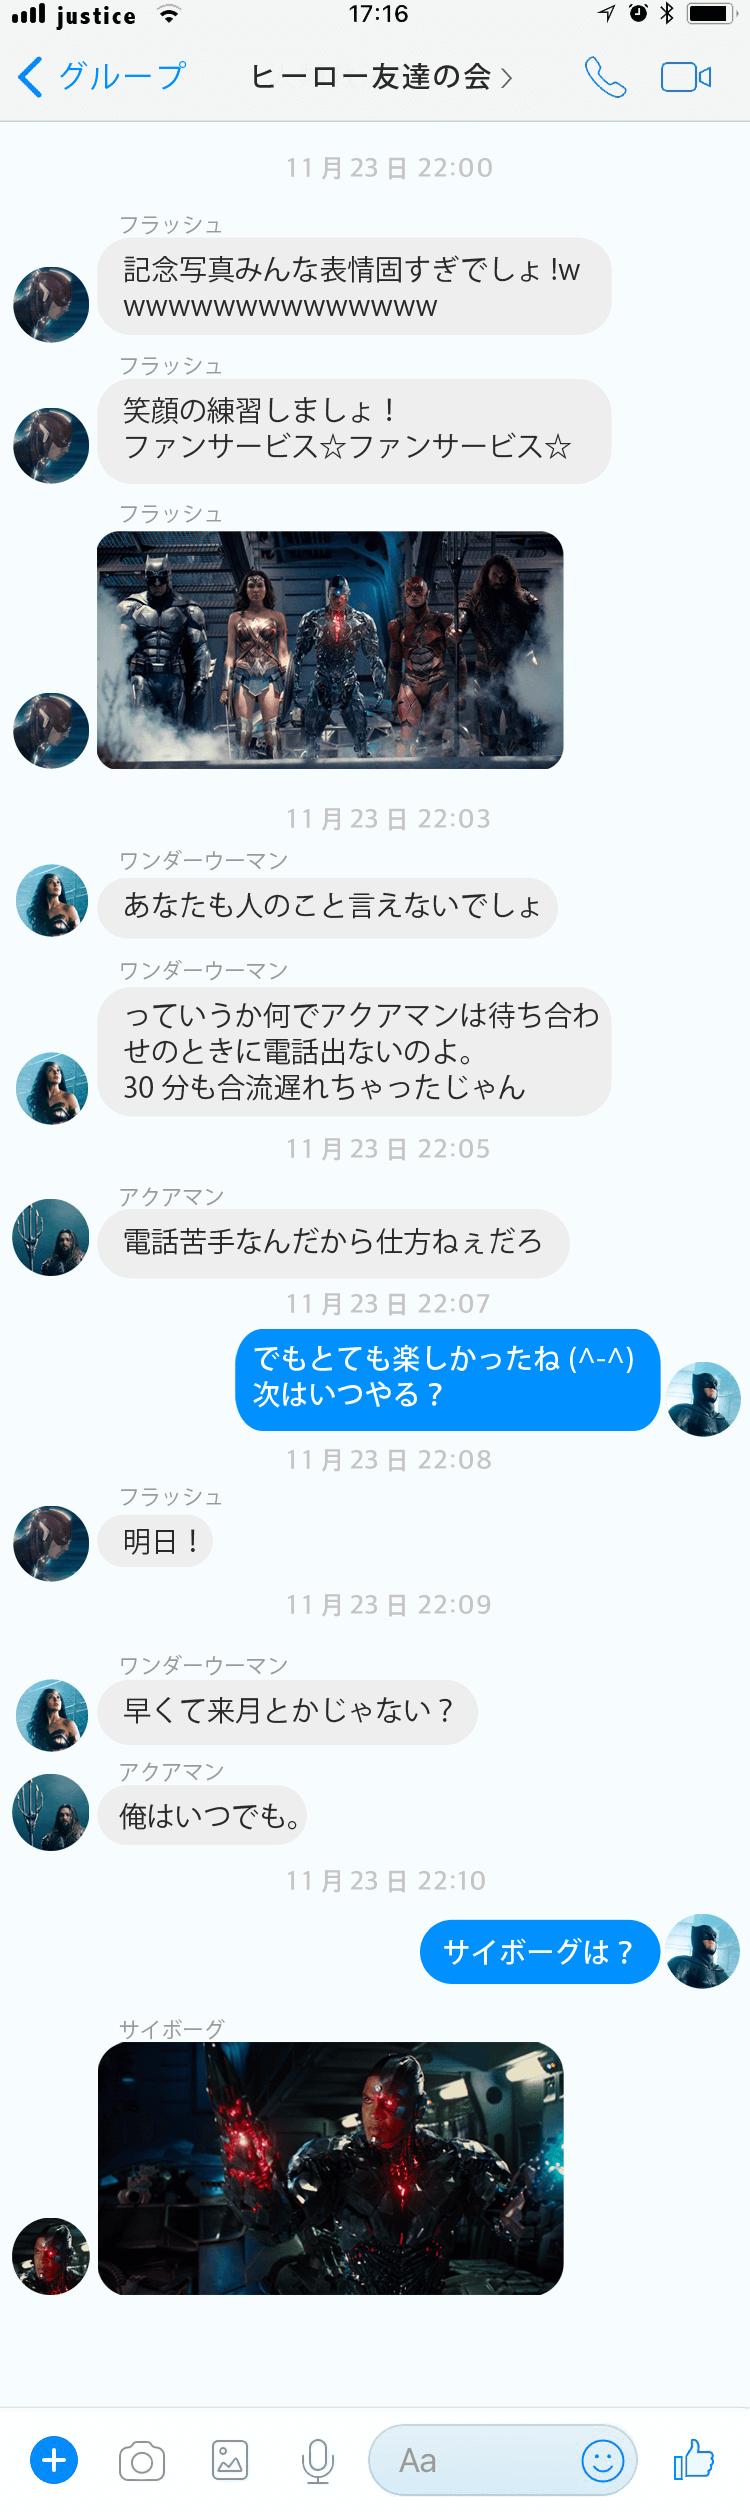 justice_messenger5